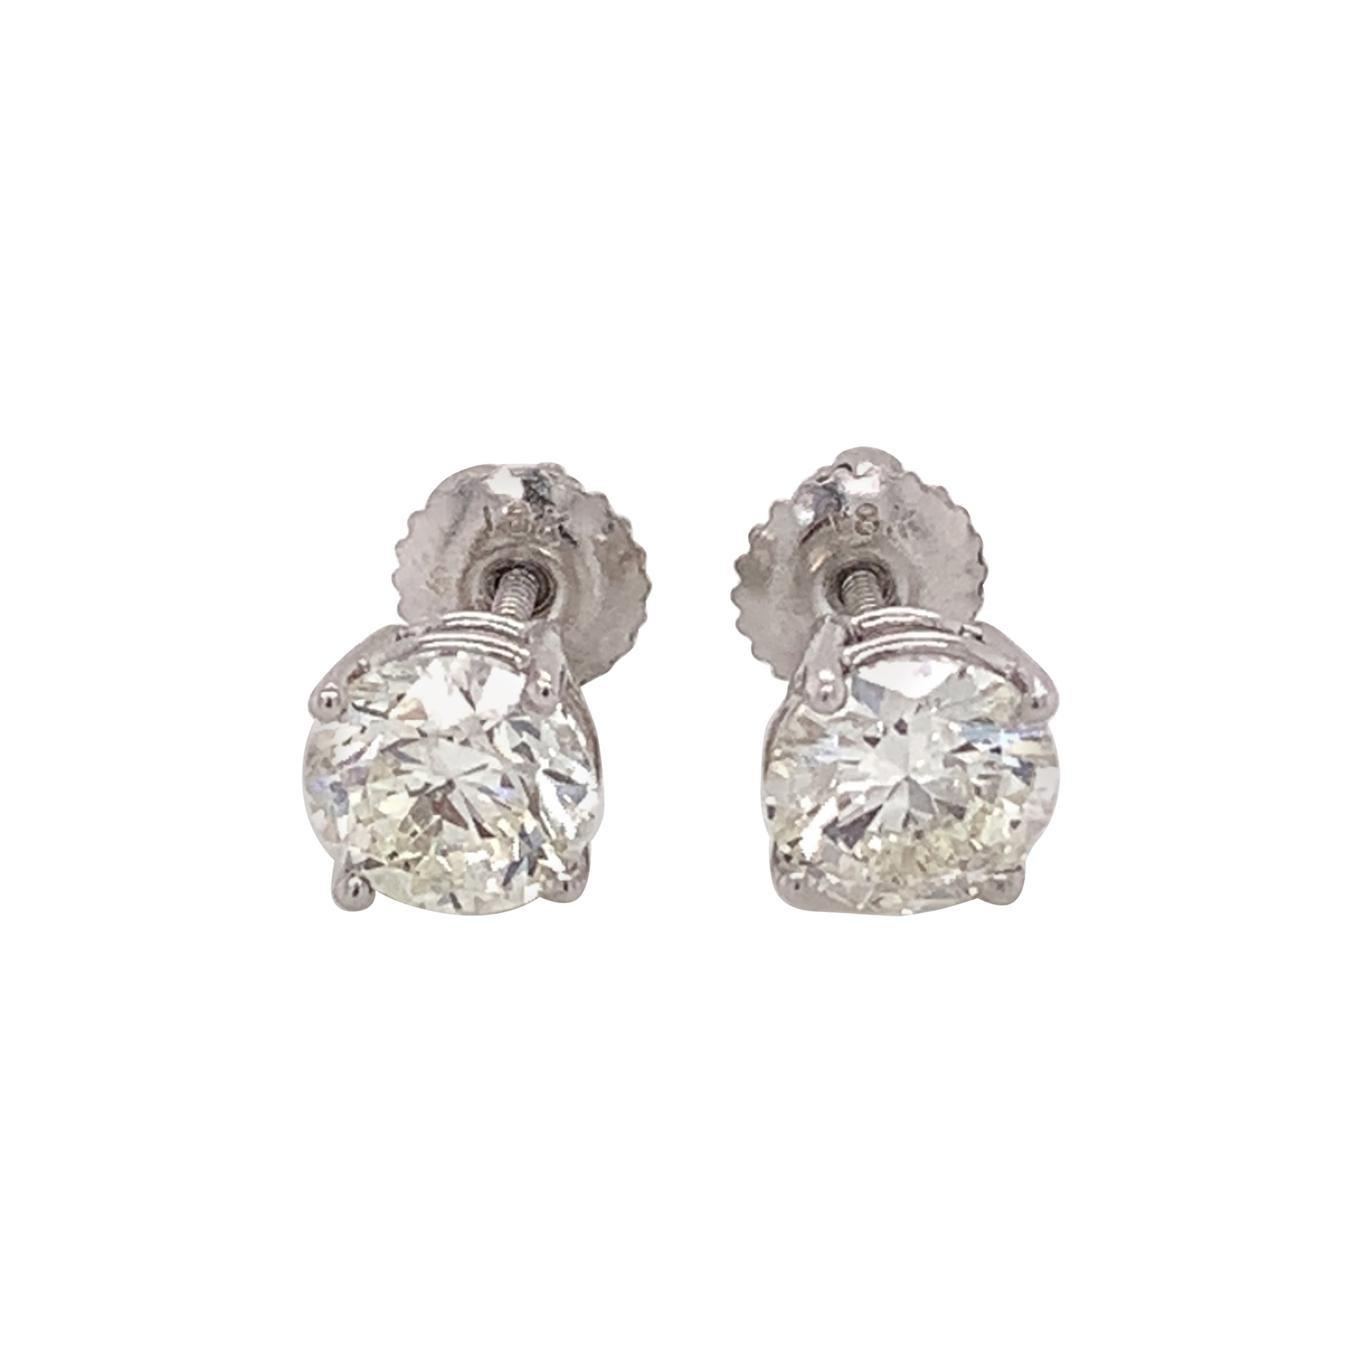 Certified 2.00 Carat Diamond Stud Earrings